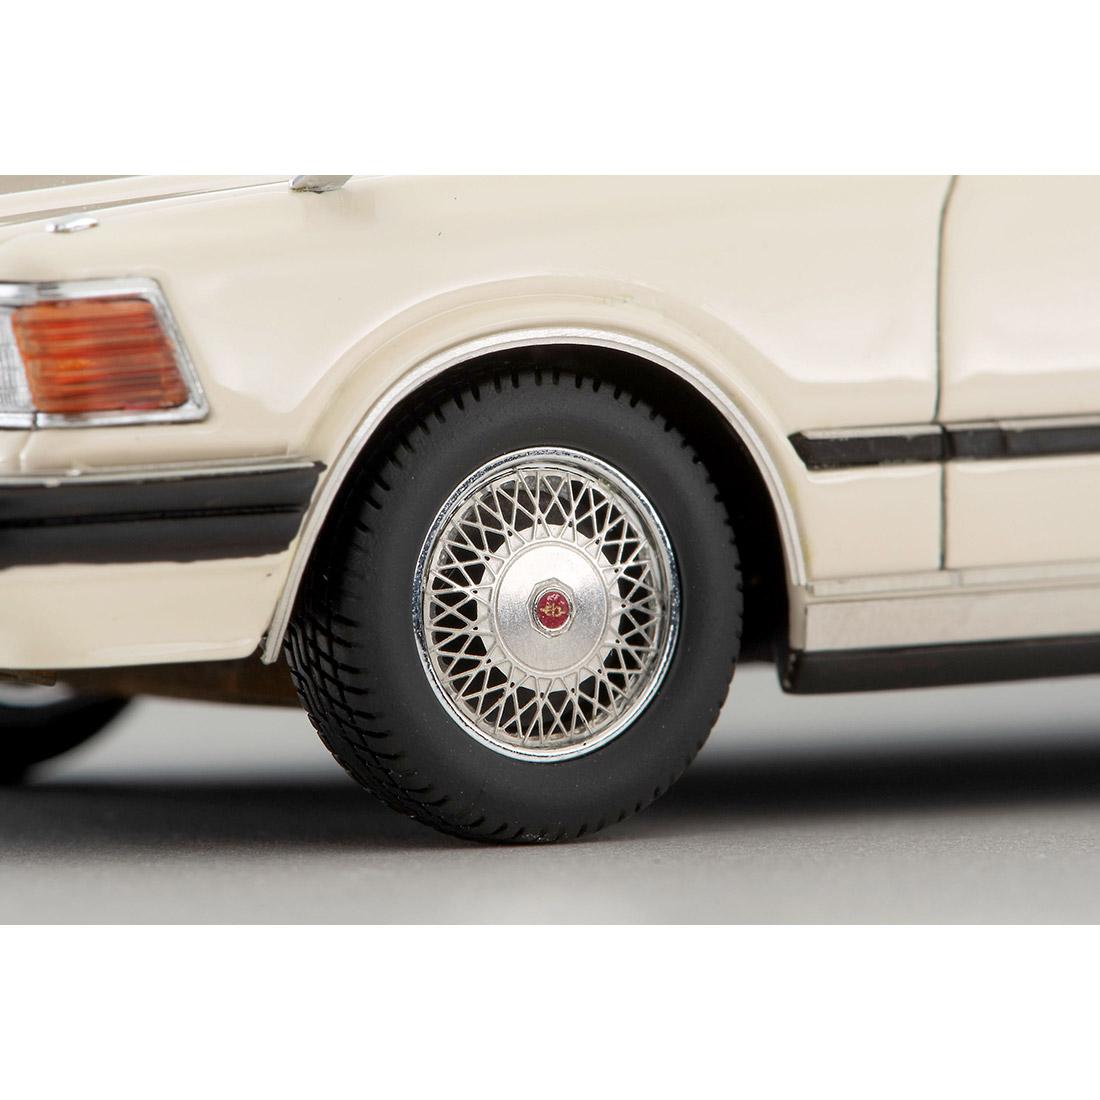 イグニッションモデル『T-IG4325 日産セドリックHT 280E ブロアム(白)』1/43 ミニカー-008